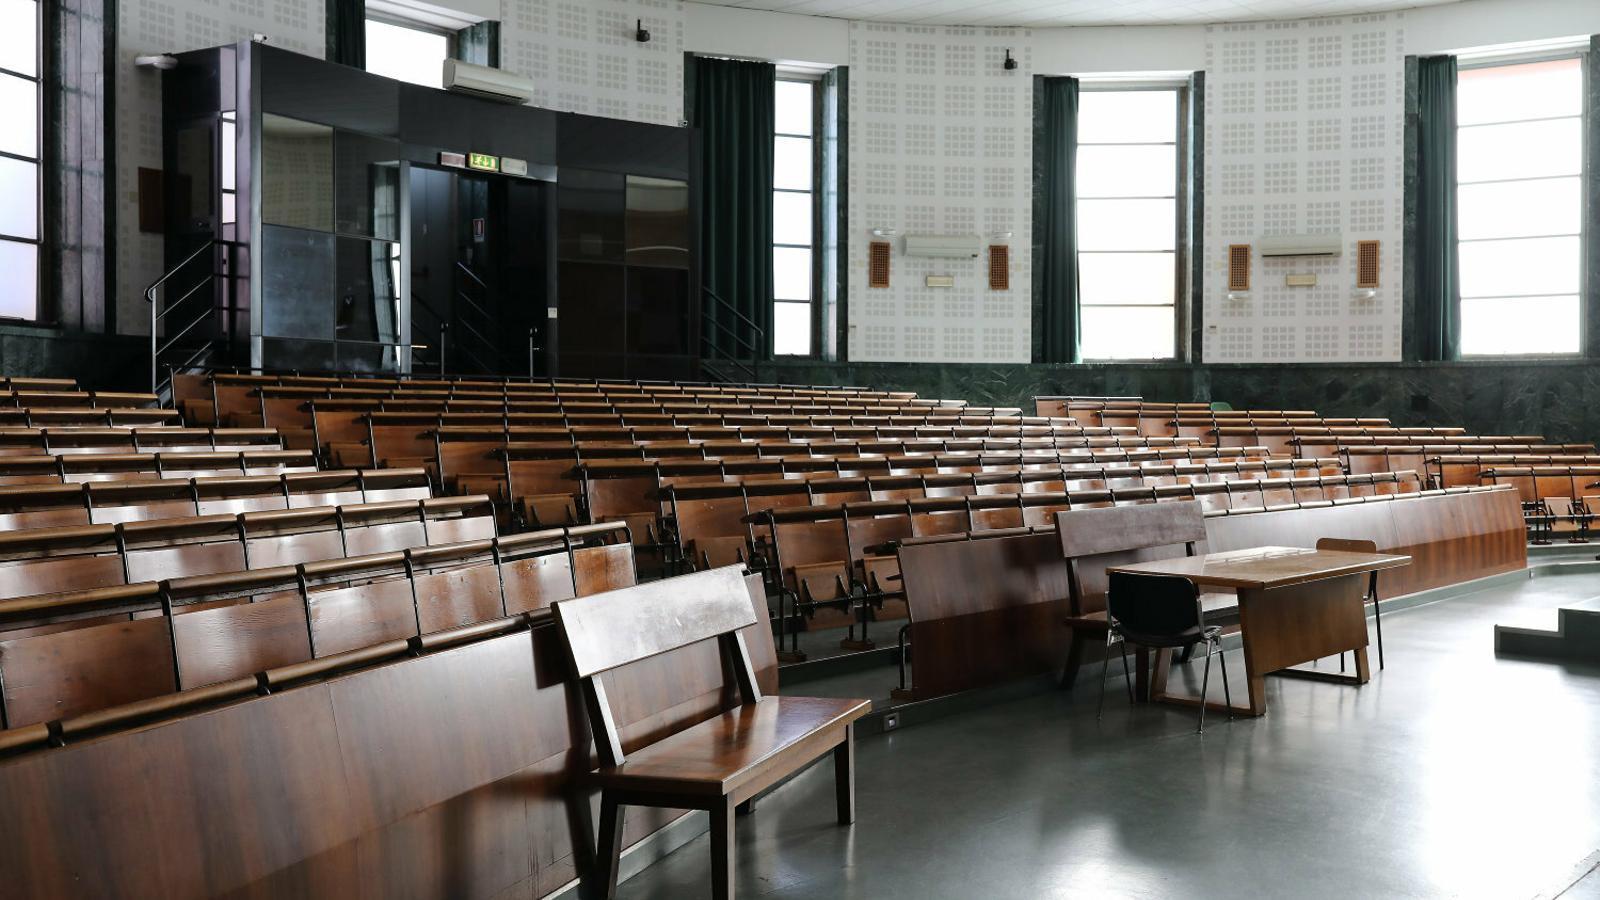 Imatge de l'auditori buit de la universitat de La Sapienza, a Roma,  en una imatge presa el dia 5 de març.